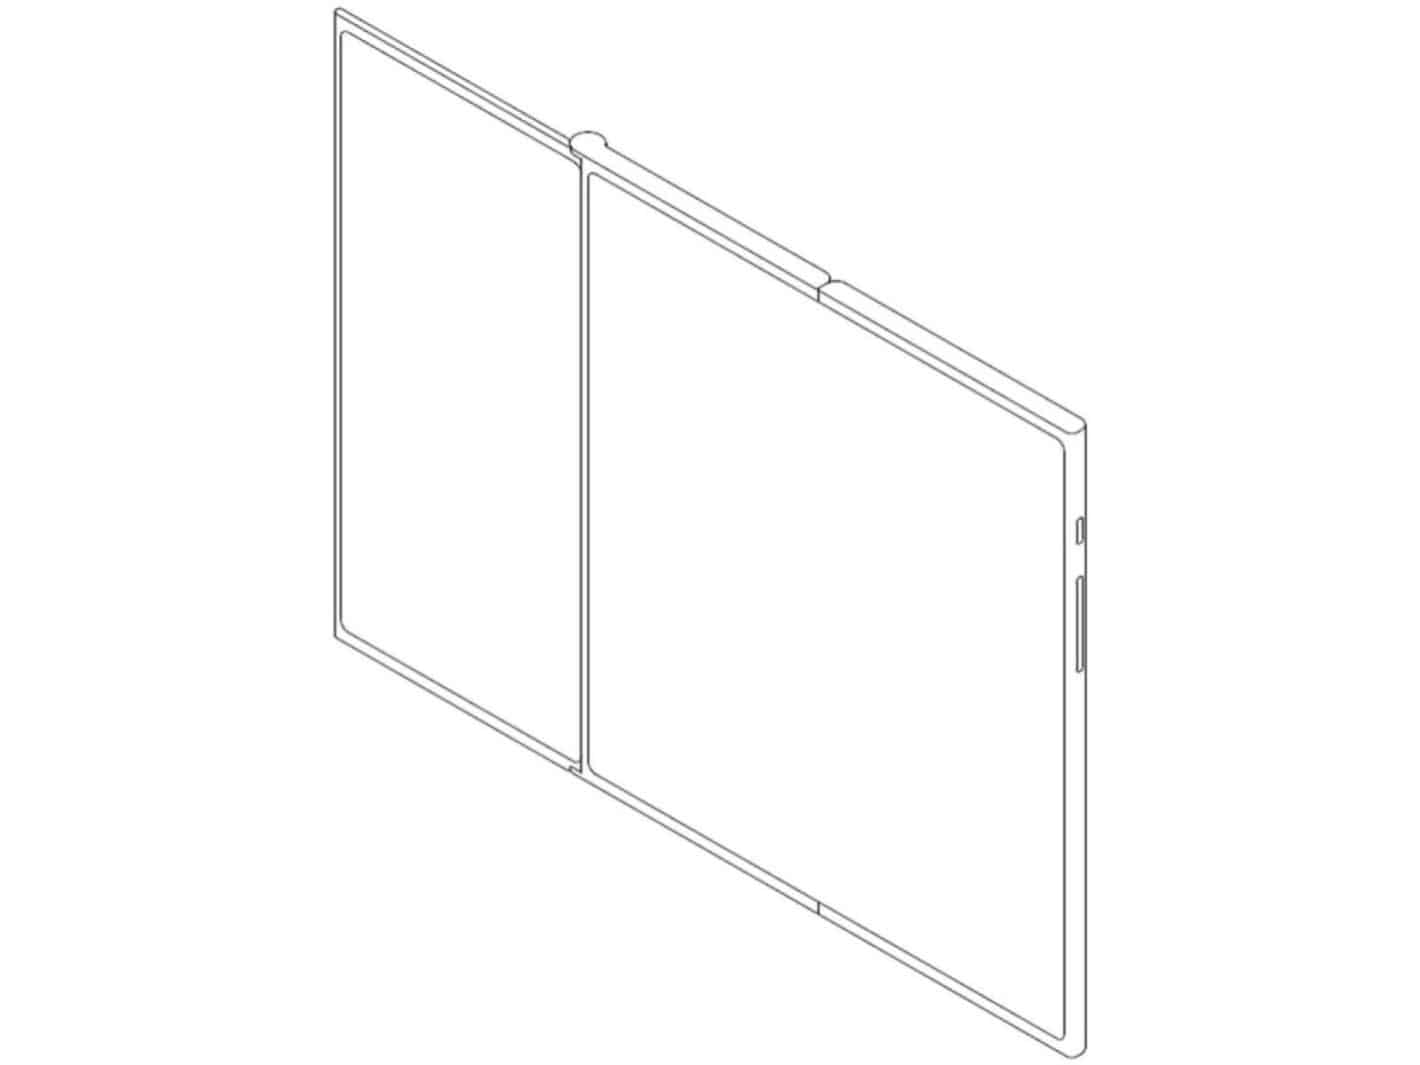 00 LG Design patent 201930089299.6